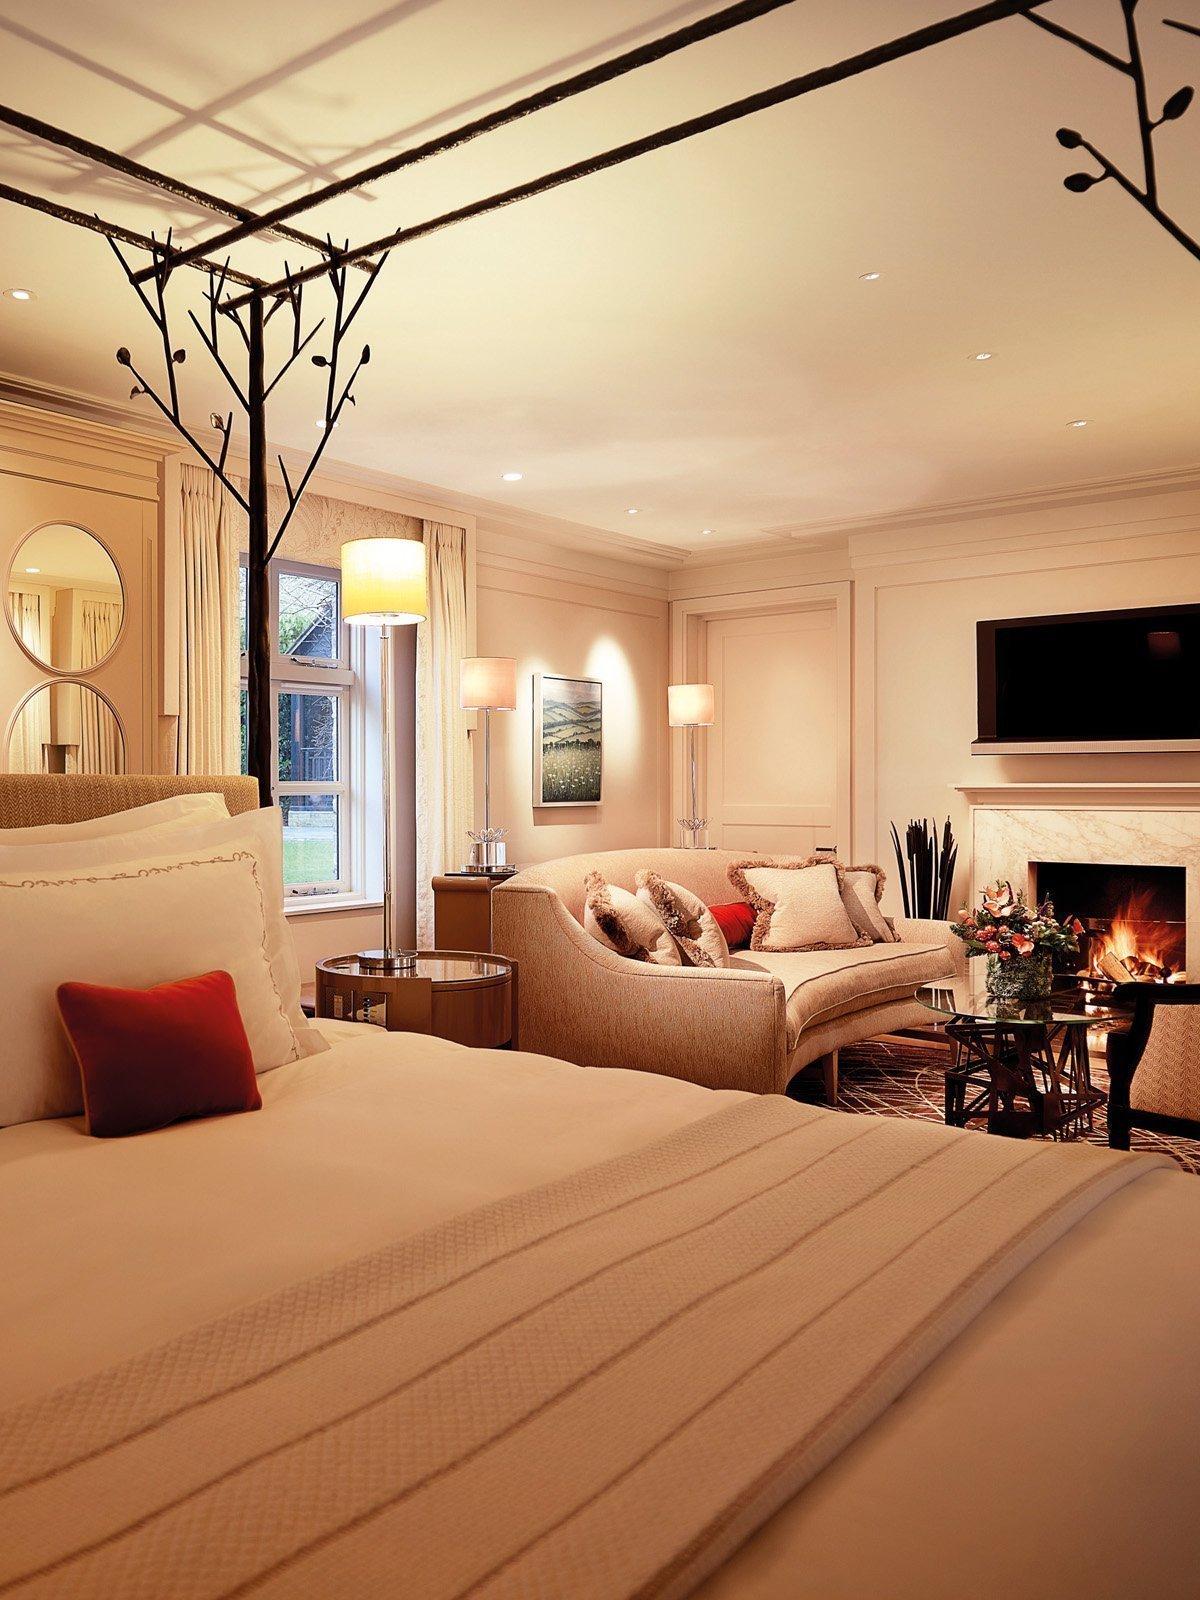 Coworth Park Ascot Gardeners East Cottage Suite Bedroom in Winter